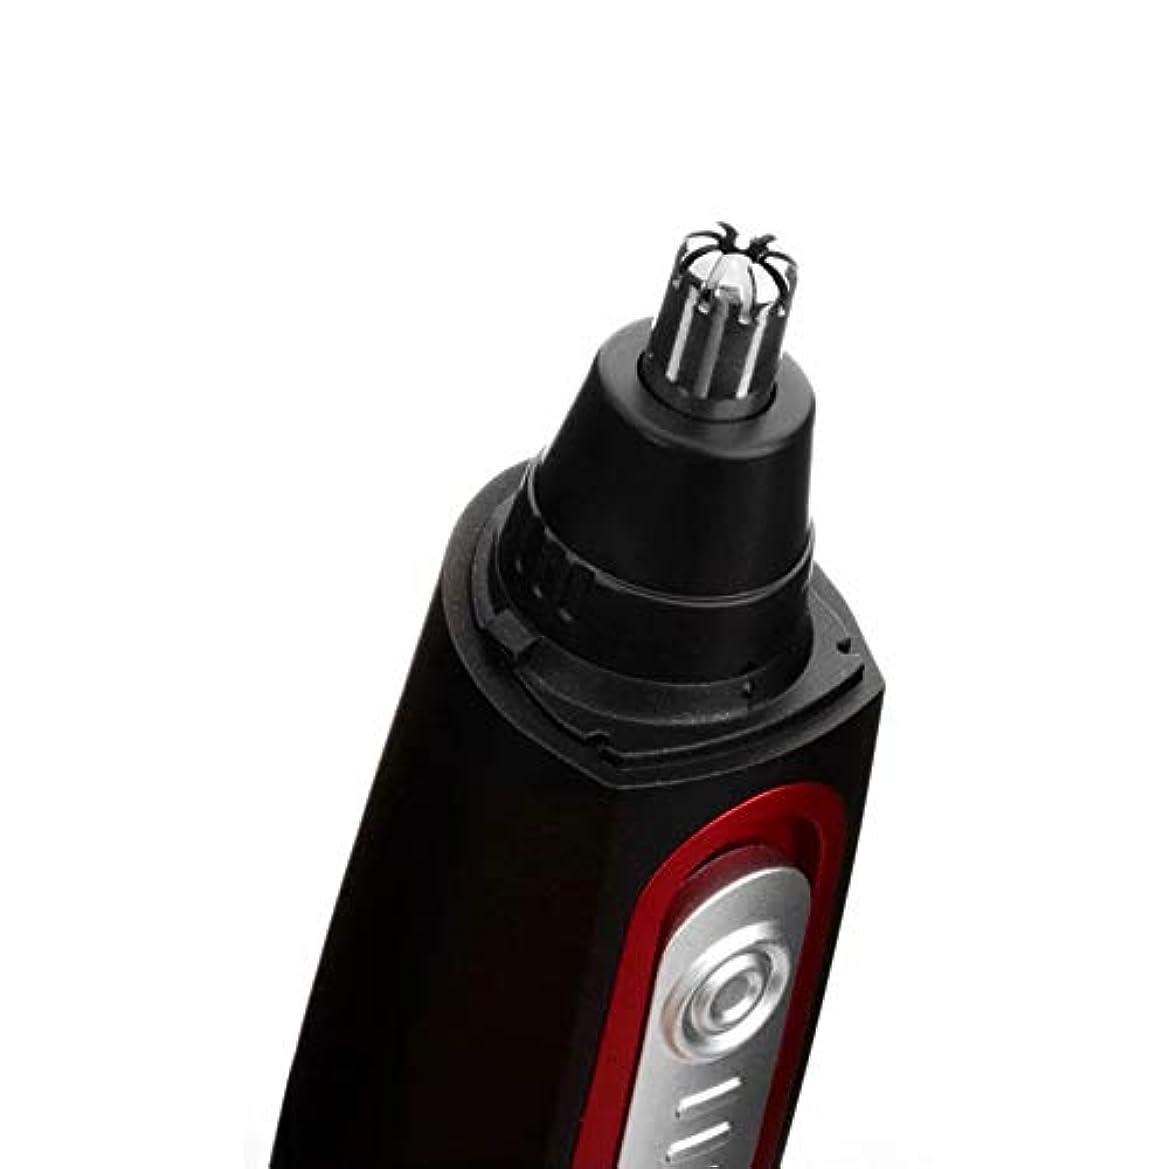 インデックス忠誠補助ノーズヘアトリマー/メンズシェービングノーズヘアスクレーピングノーズヘアハサミ/ 360°効果的なキャプチャー/三次元ロータリーカッターヘッドデザイン/ 14cm 持つ価値があります